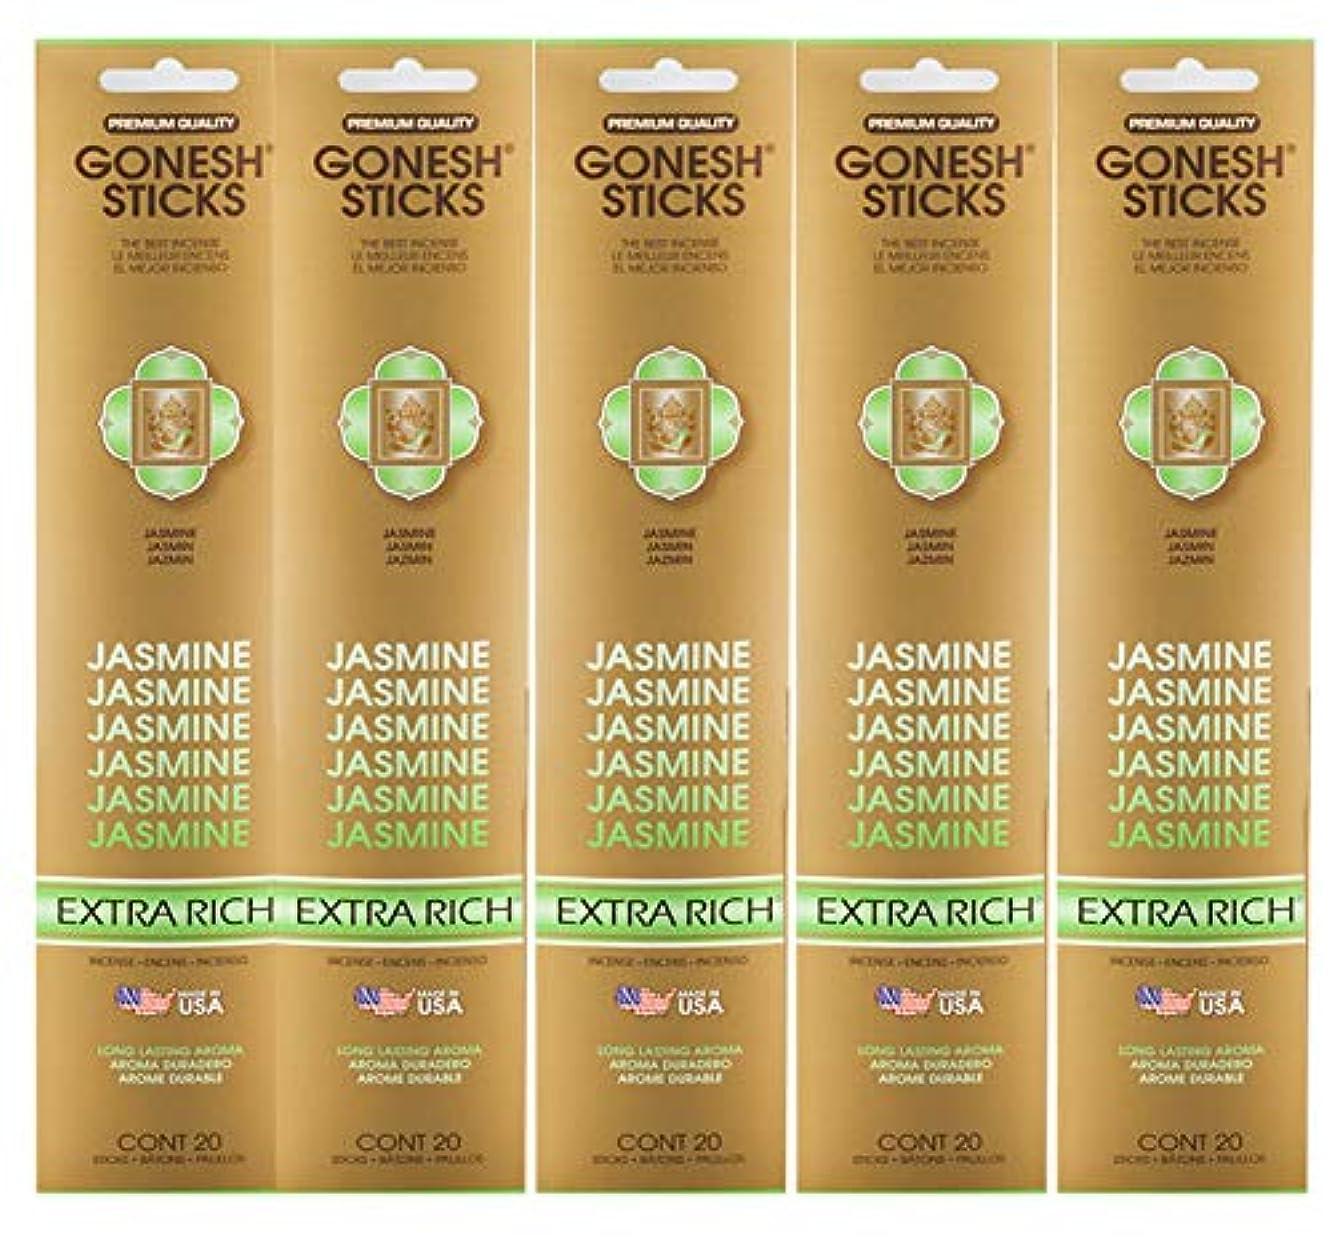 割れ目クスコに変わるExtra Richコレクション – ジャスミン5パック( 100 Incense Sticks合計)